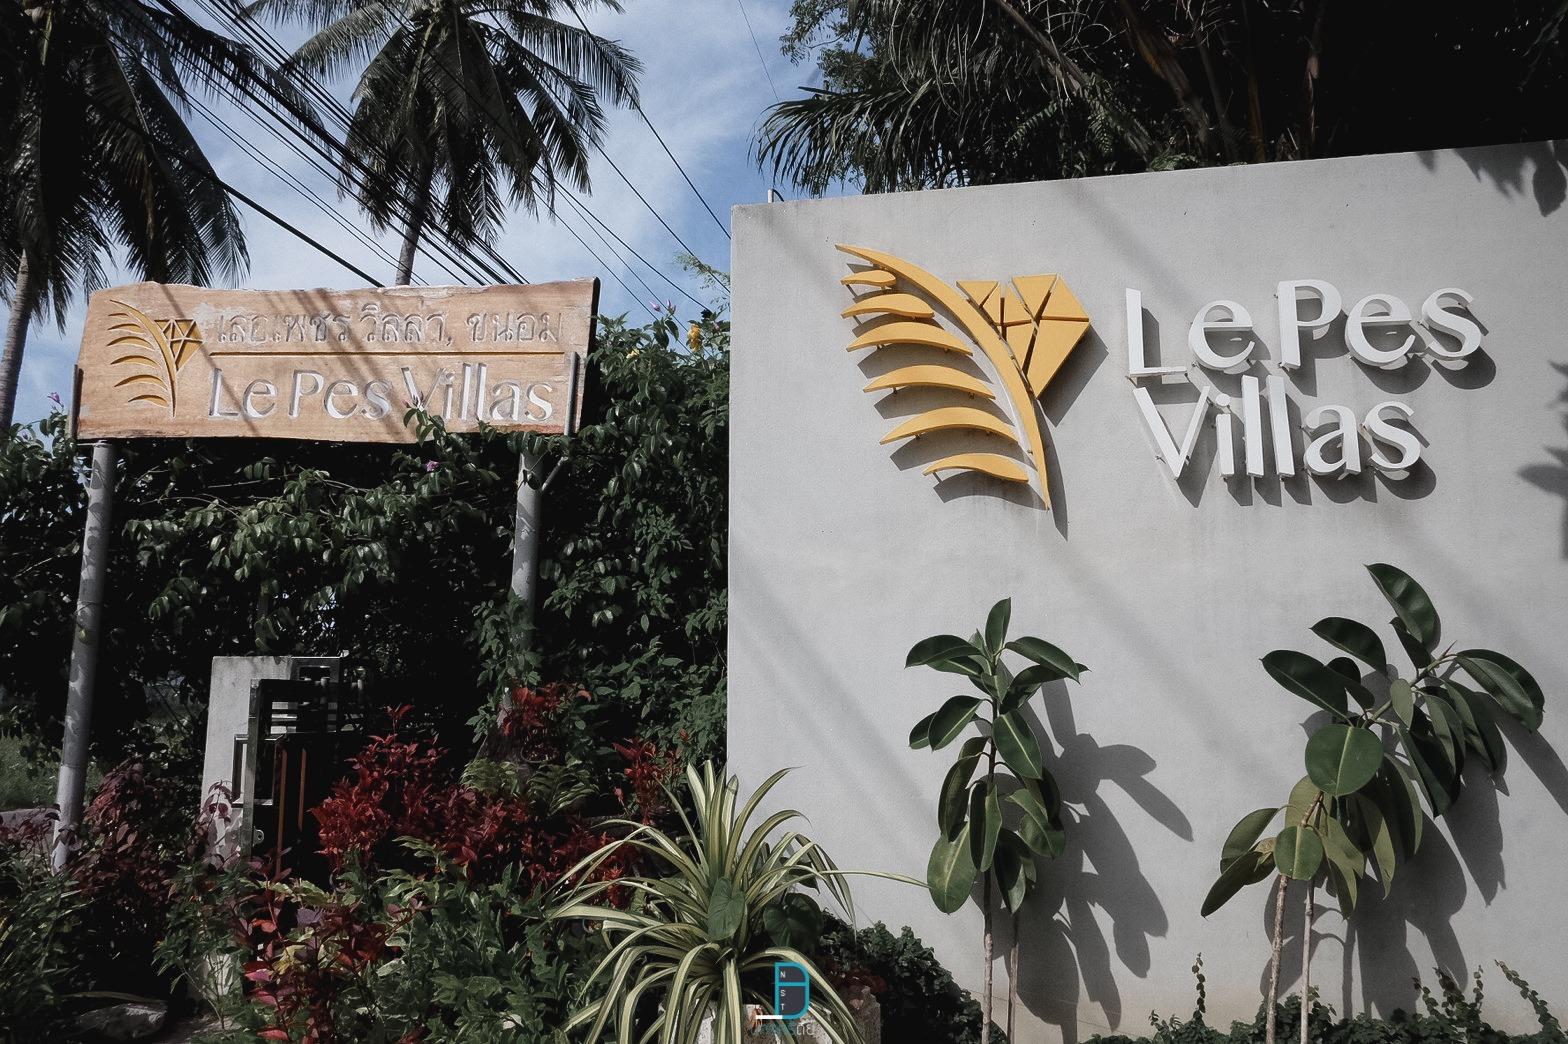 มาถึงจุดต่อไป-เป็นที่พักสวยๆบรรยากาศดีๆ-ที่นี่ชื่อว่า-Le-pes-Villas-เป็นที่พักเก๋ๆมีห้องพักริมสระว่ายน้ำครับผม  ขนอม,เที่ยวไหนดี,จุดเช็คอิน,ของกิน,โรงแรม